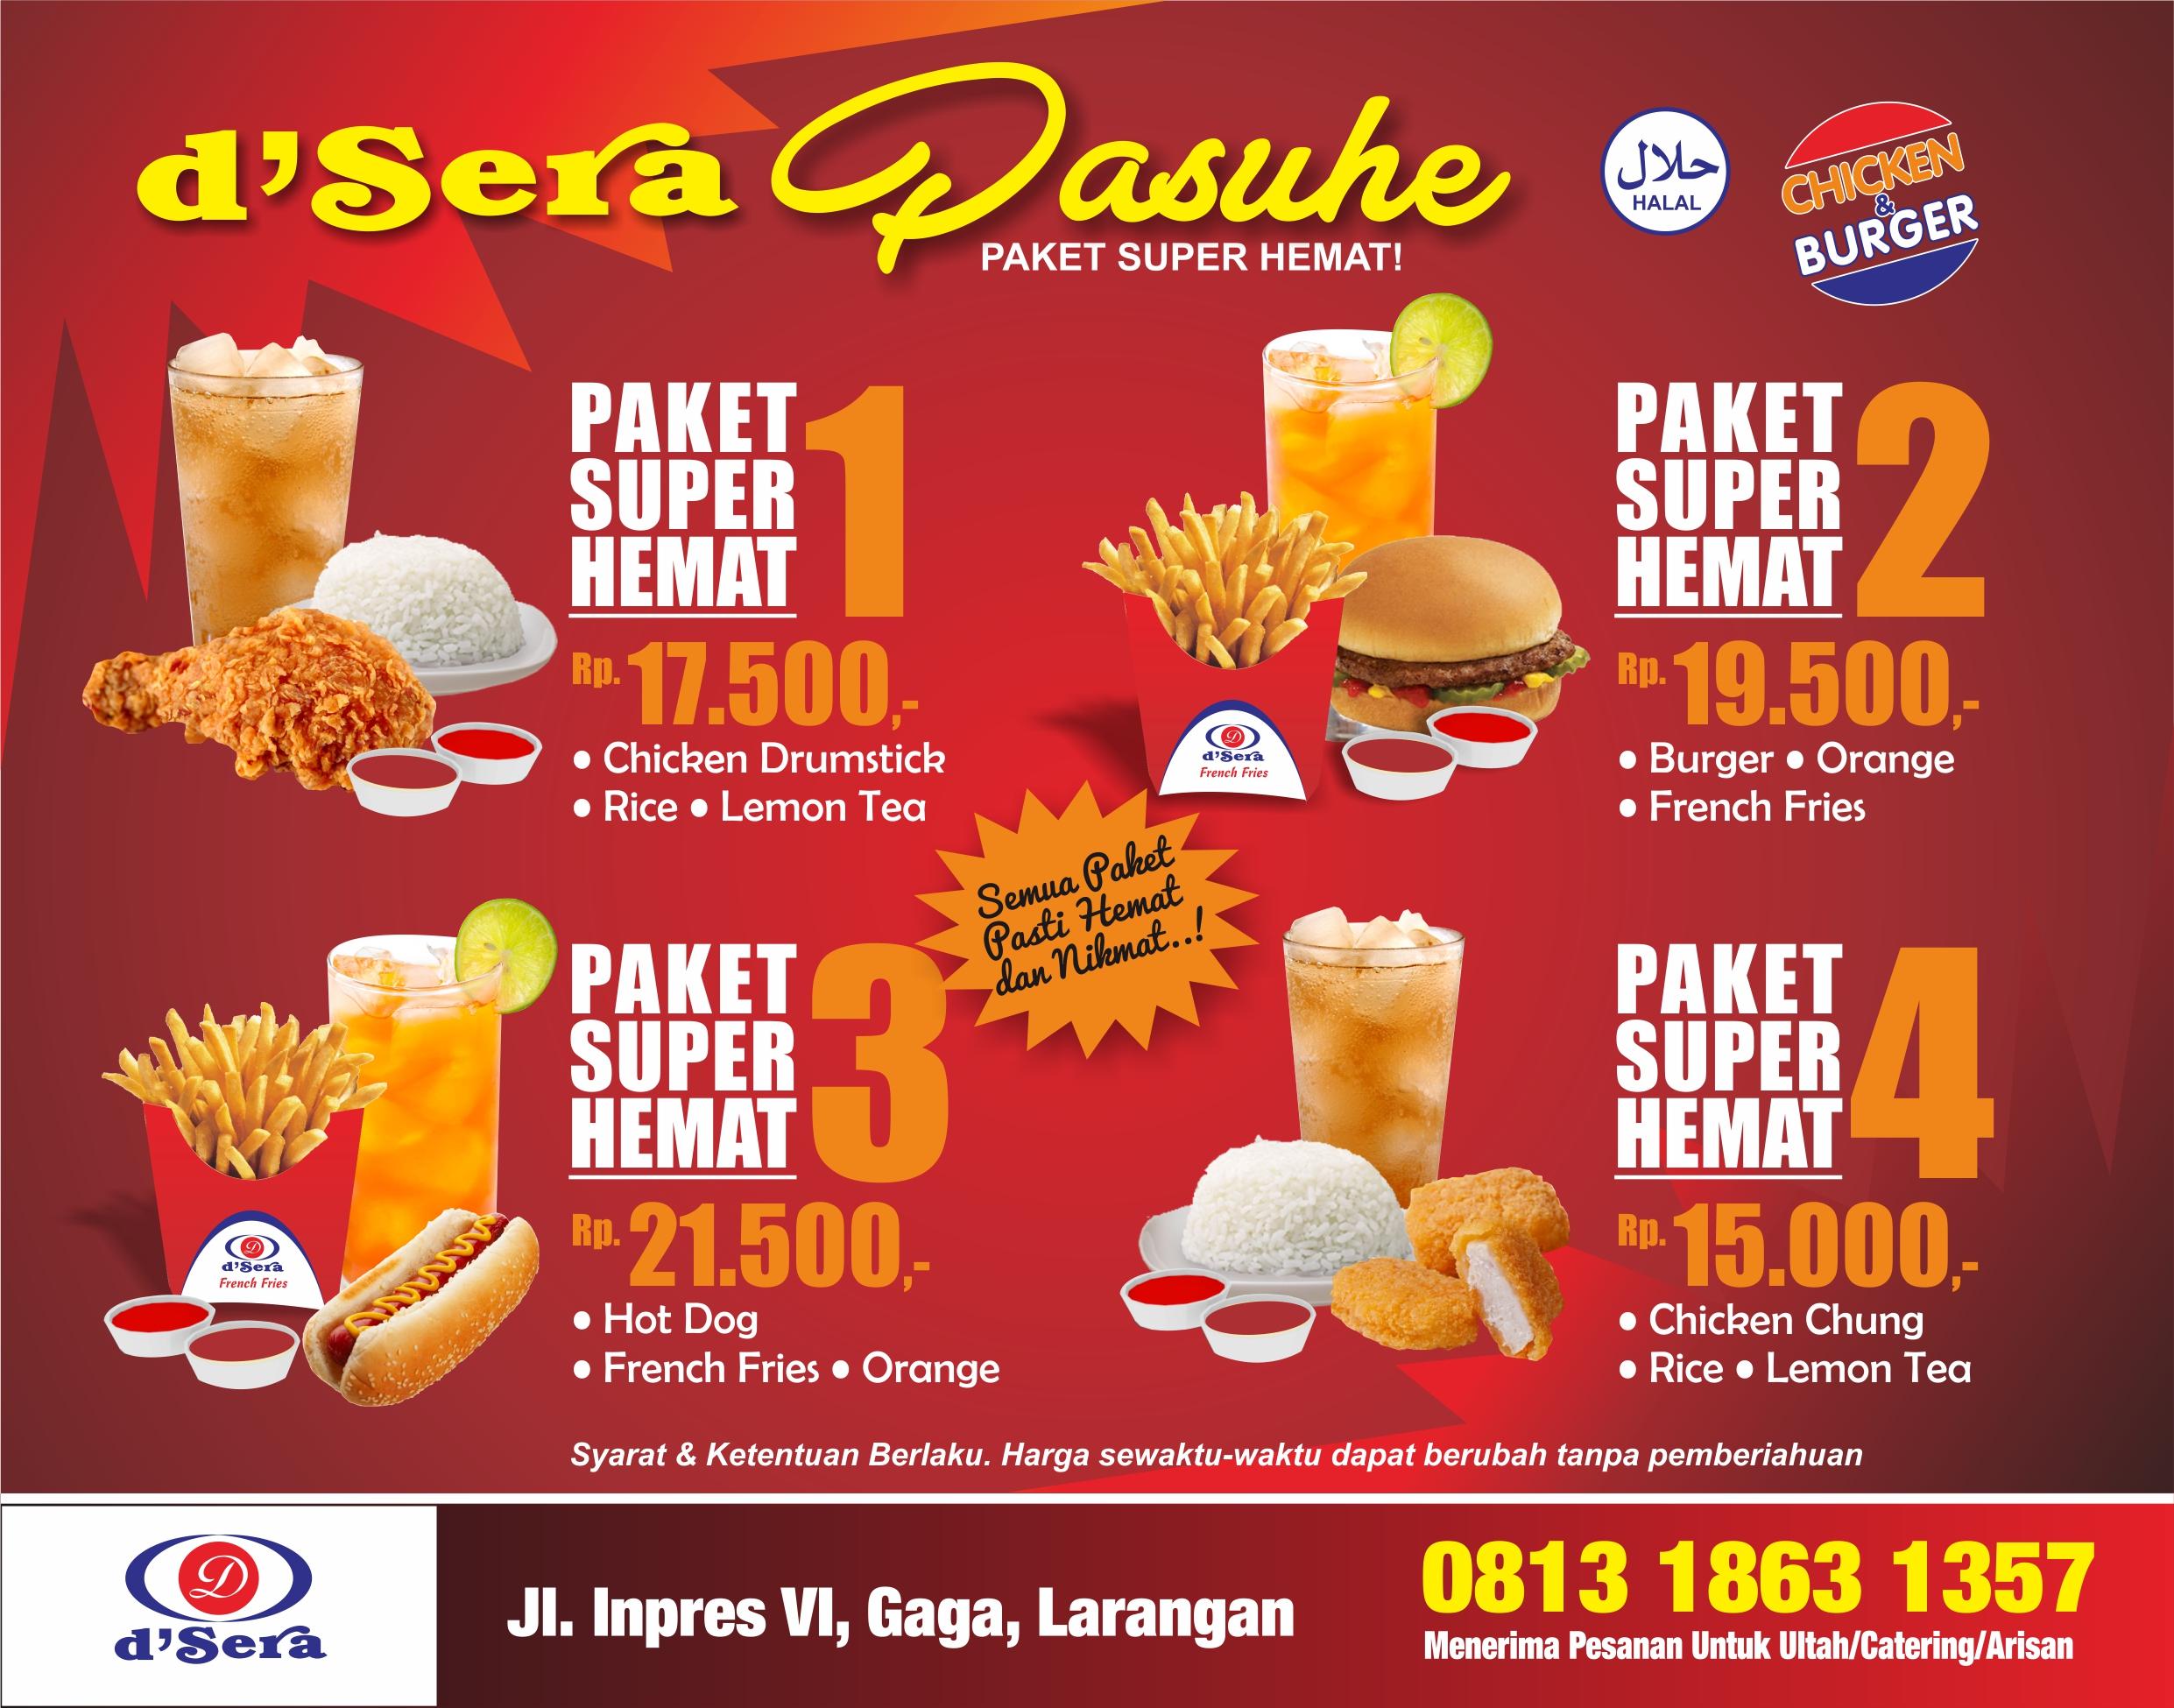 Desera_Paket_Chicken_brosur